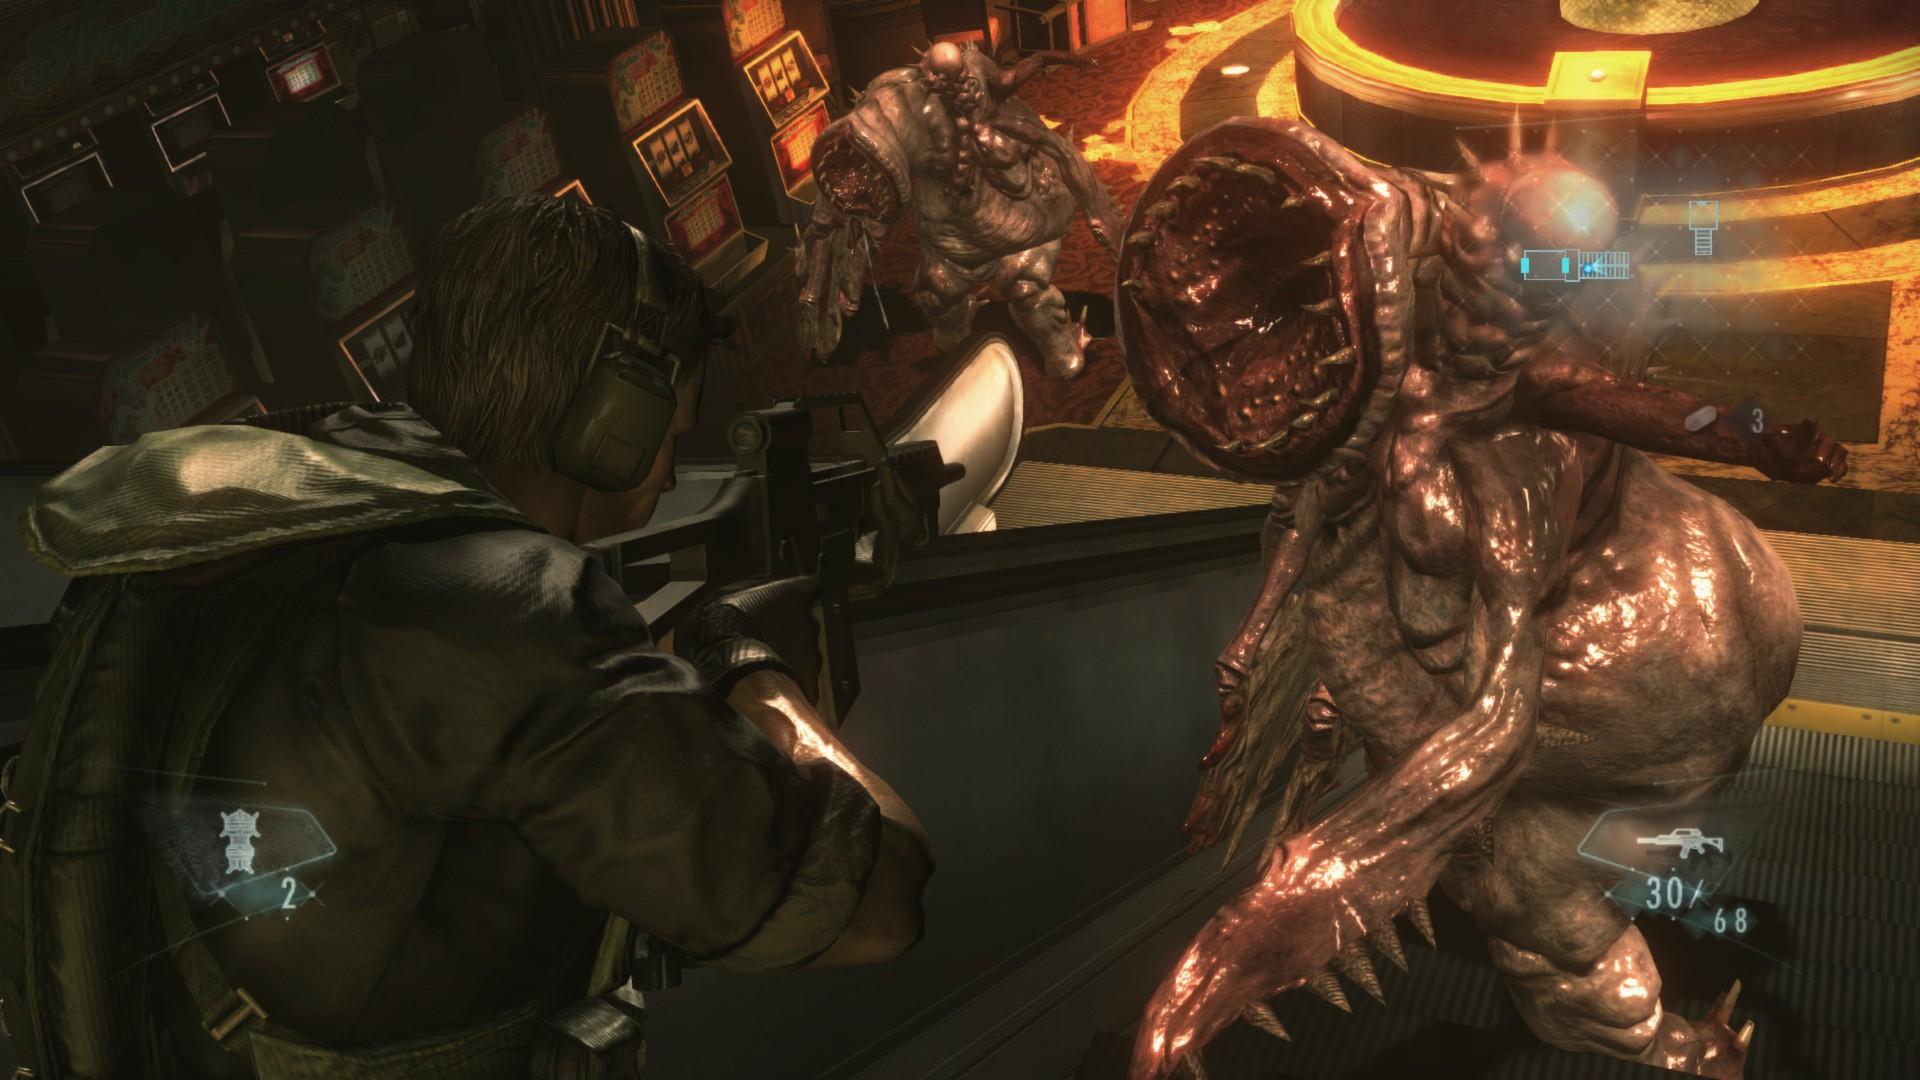 KHAiHOM.com - Resident Evil Revelations / Biohazard Revelations